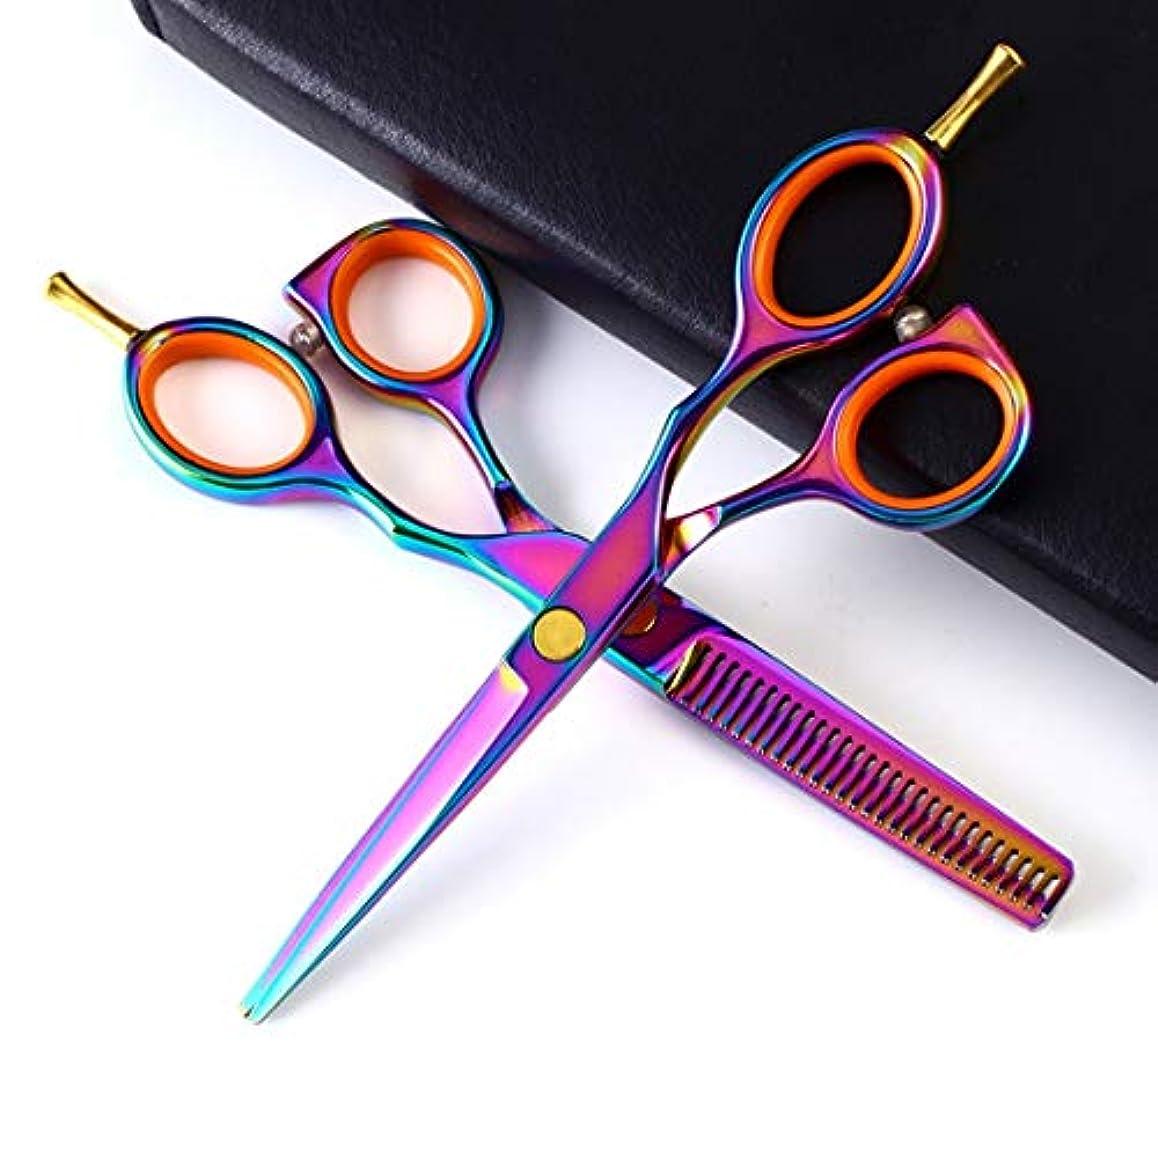 分数アレルギー性障害者Jiaoran 5.5インチの毛の切断のはさみの専門のステンレス鋼のヘアカットのせん断の歯のはさみ+平らなはさみセット (Color : Colorful)